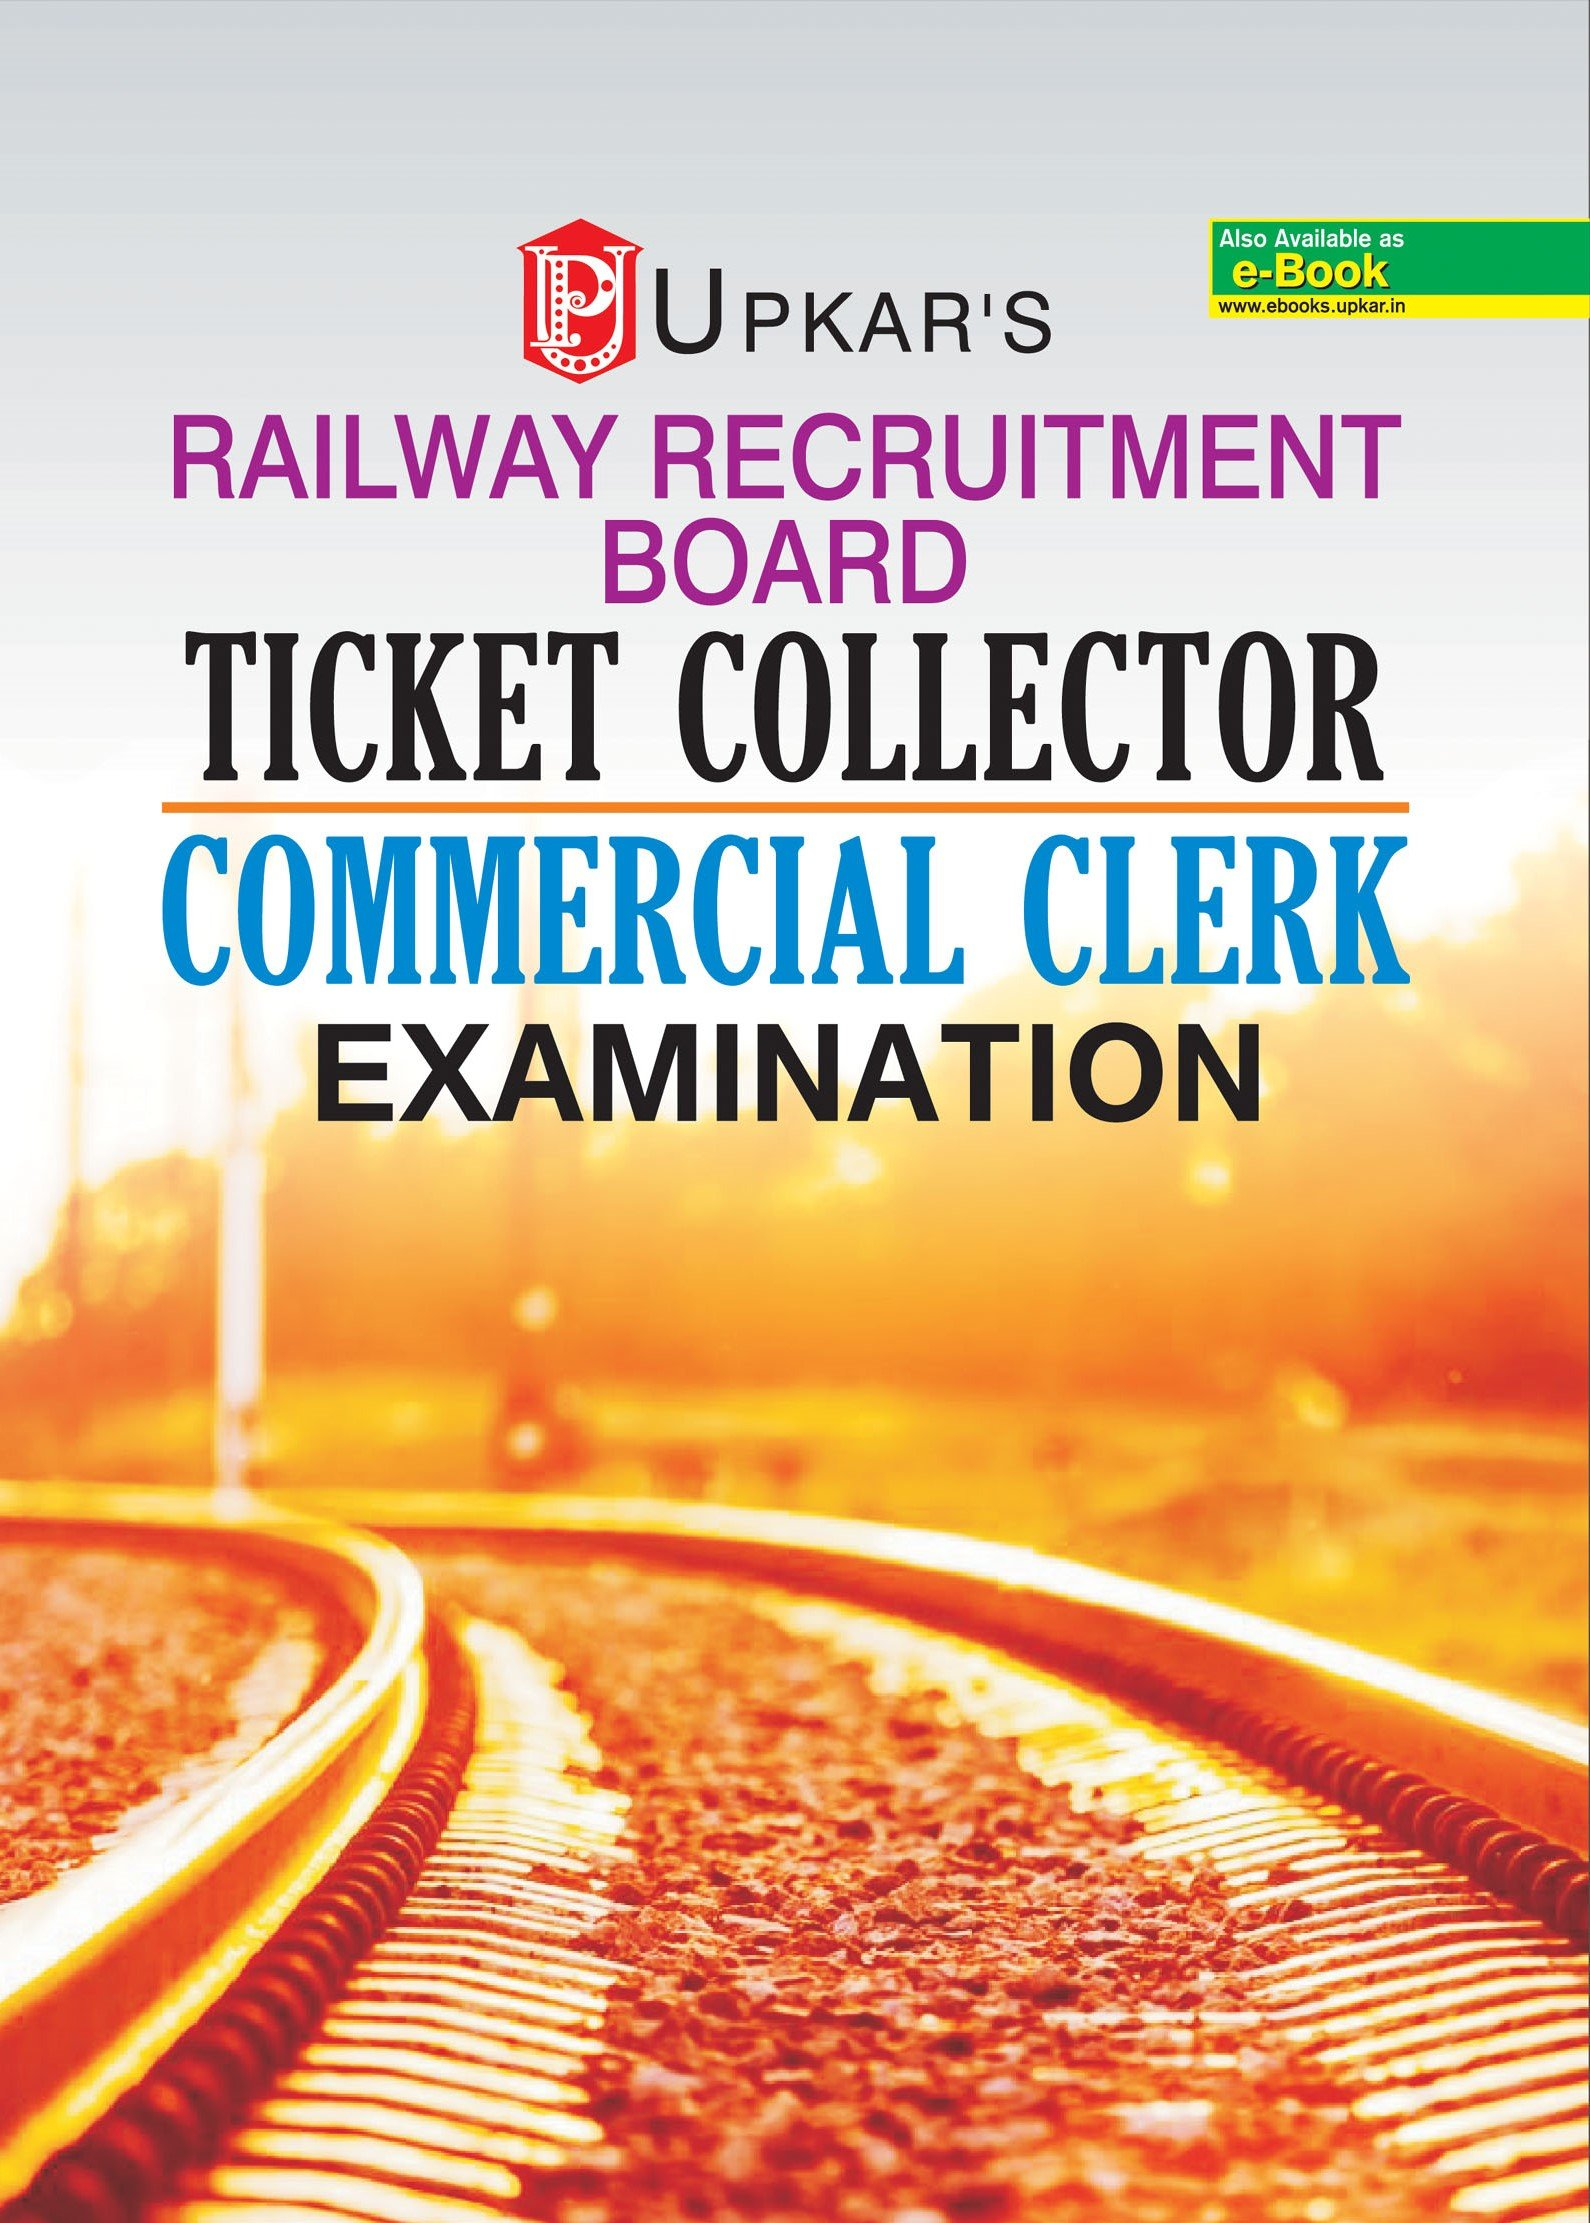 Buy Railway Recruitment Board Ticket Collector Commercial Clerk